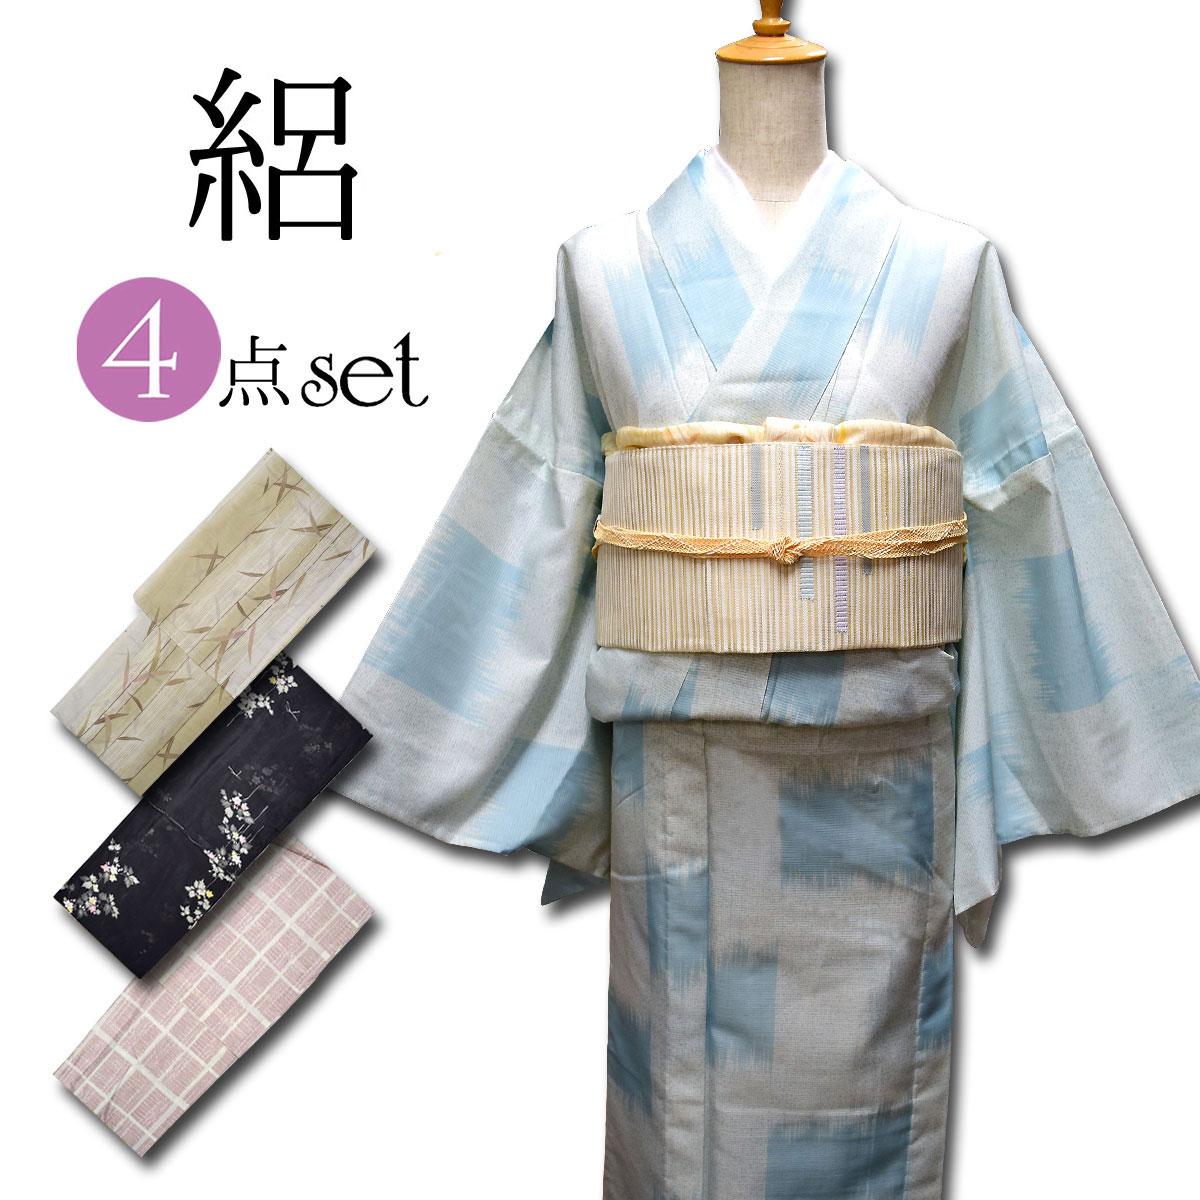 和服, 着物セット P5TIMESALE1472013690 4 M L c6-42 kimono